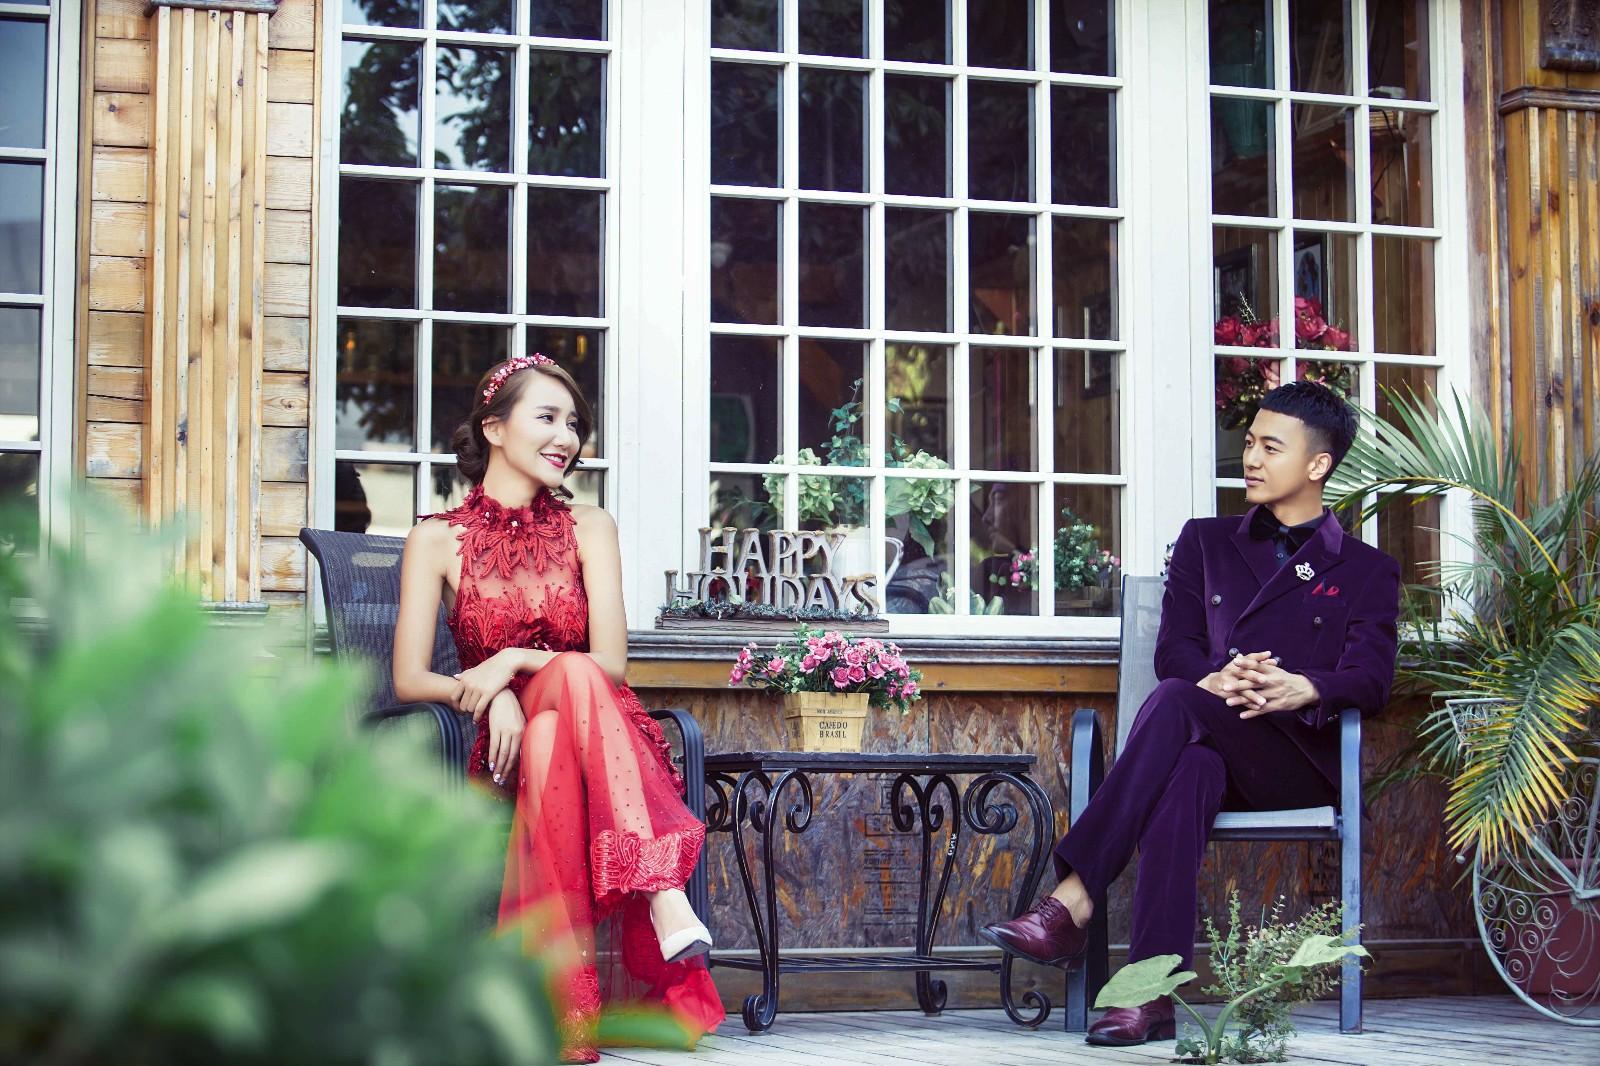 普洱婚纱照几月份拍,选对时间拍出好照片